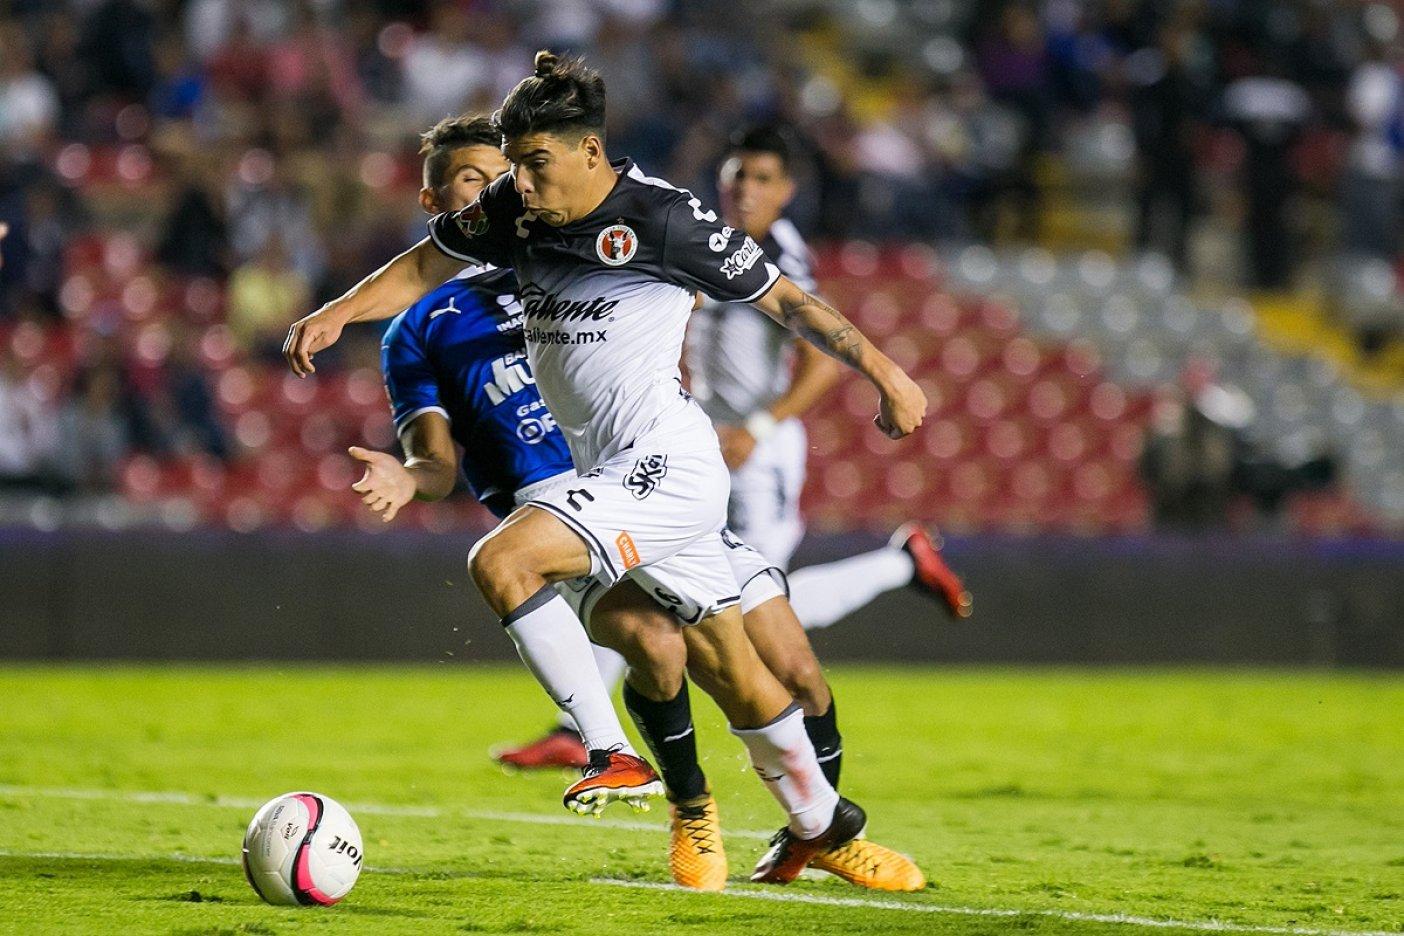 Xolos gana 2-1 a Pachuca en inicio de la jornada 7